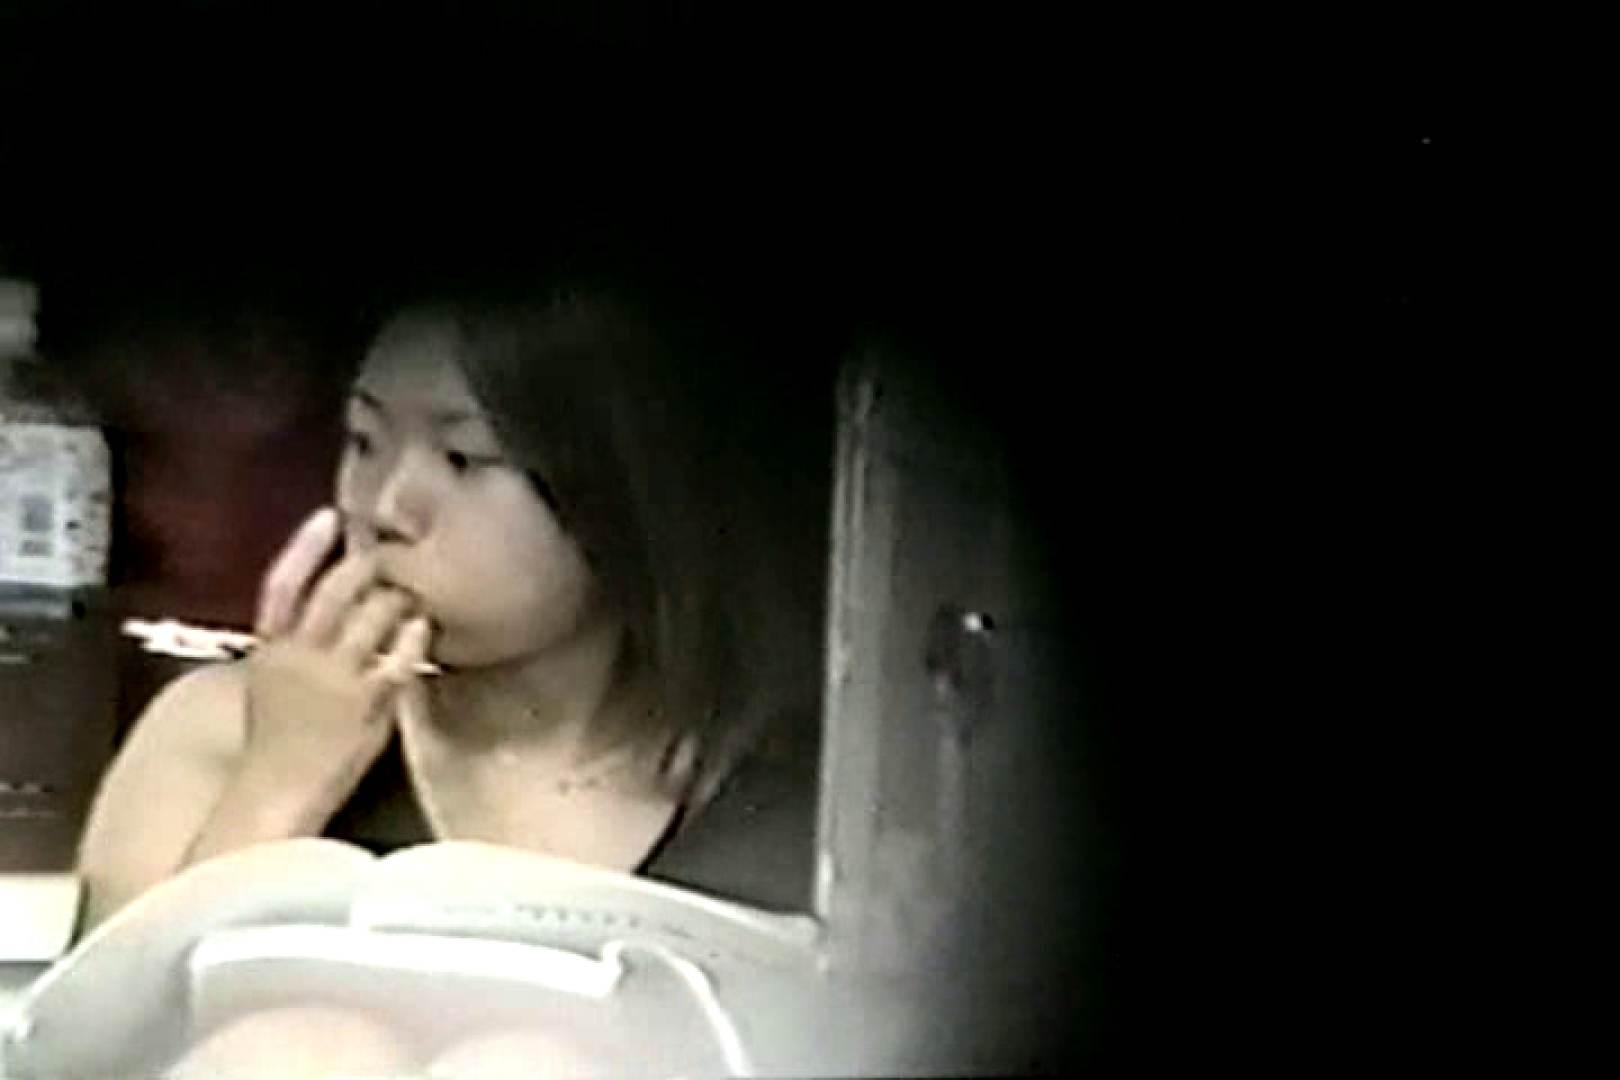 深夜の撮影会Vol.6 エロティックなOL ワレメ動画紹介 91画像 87